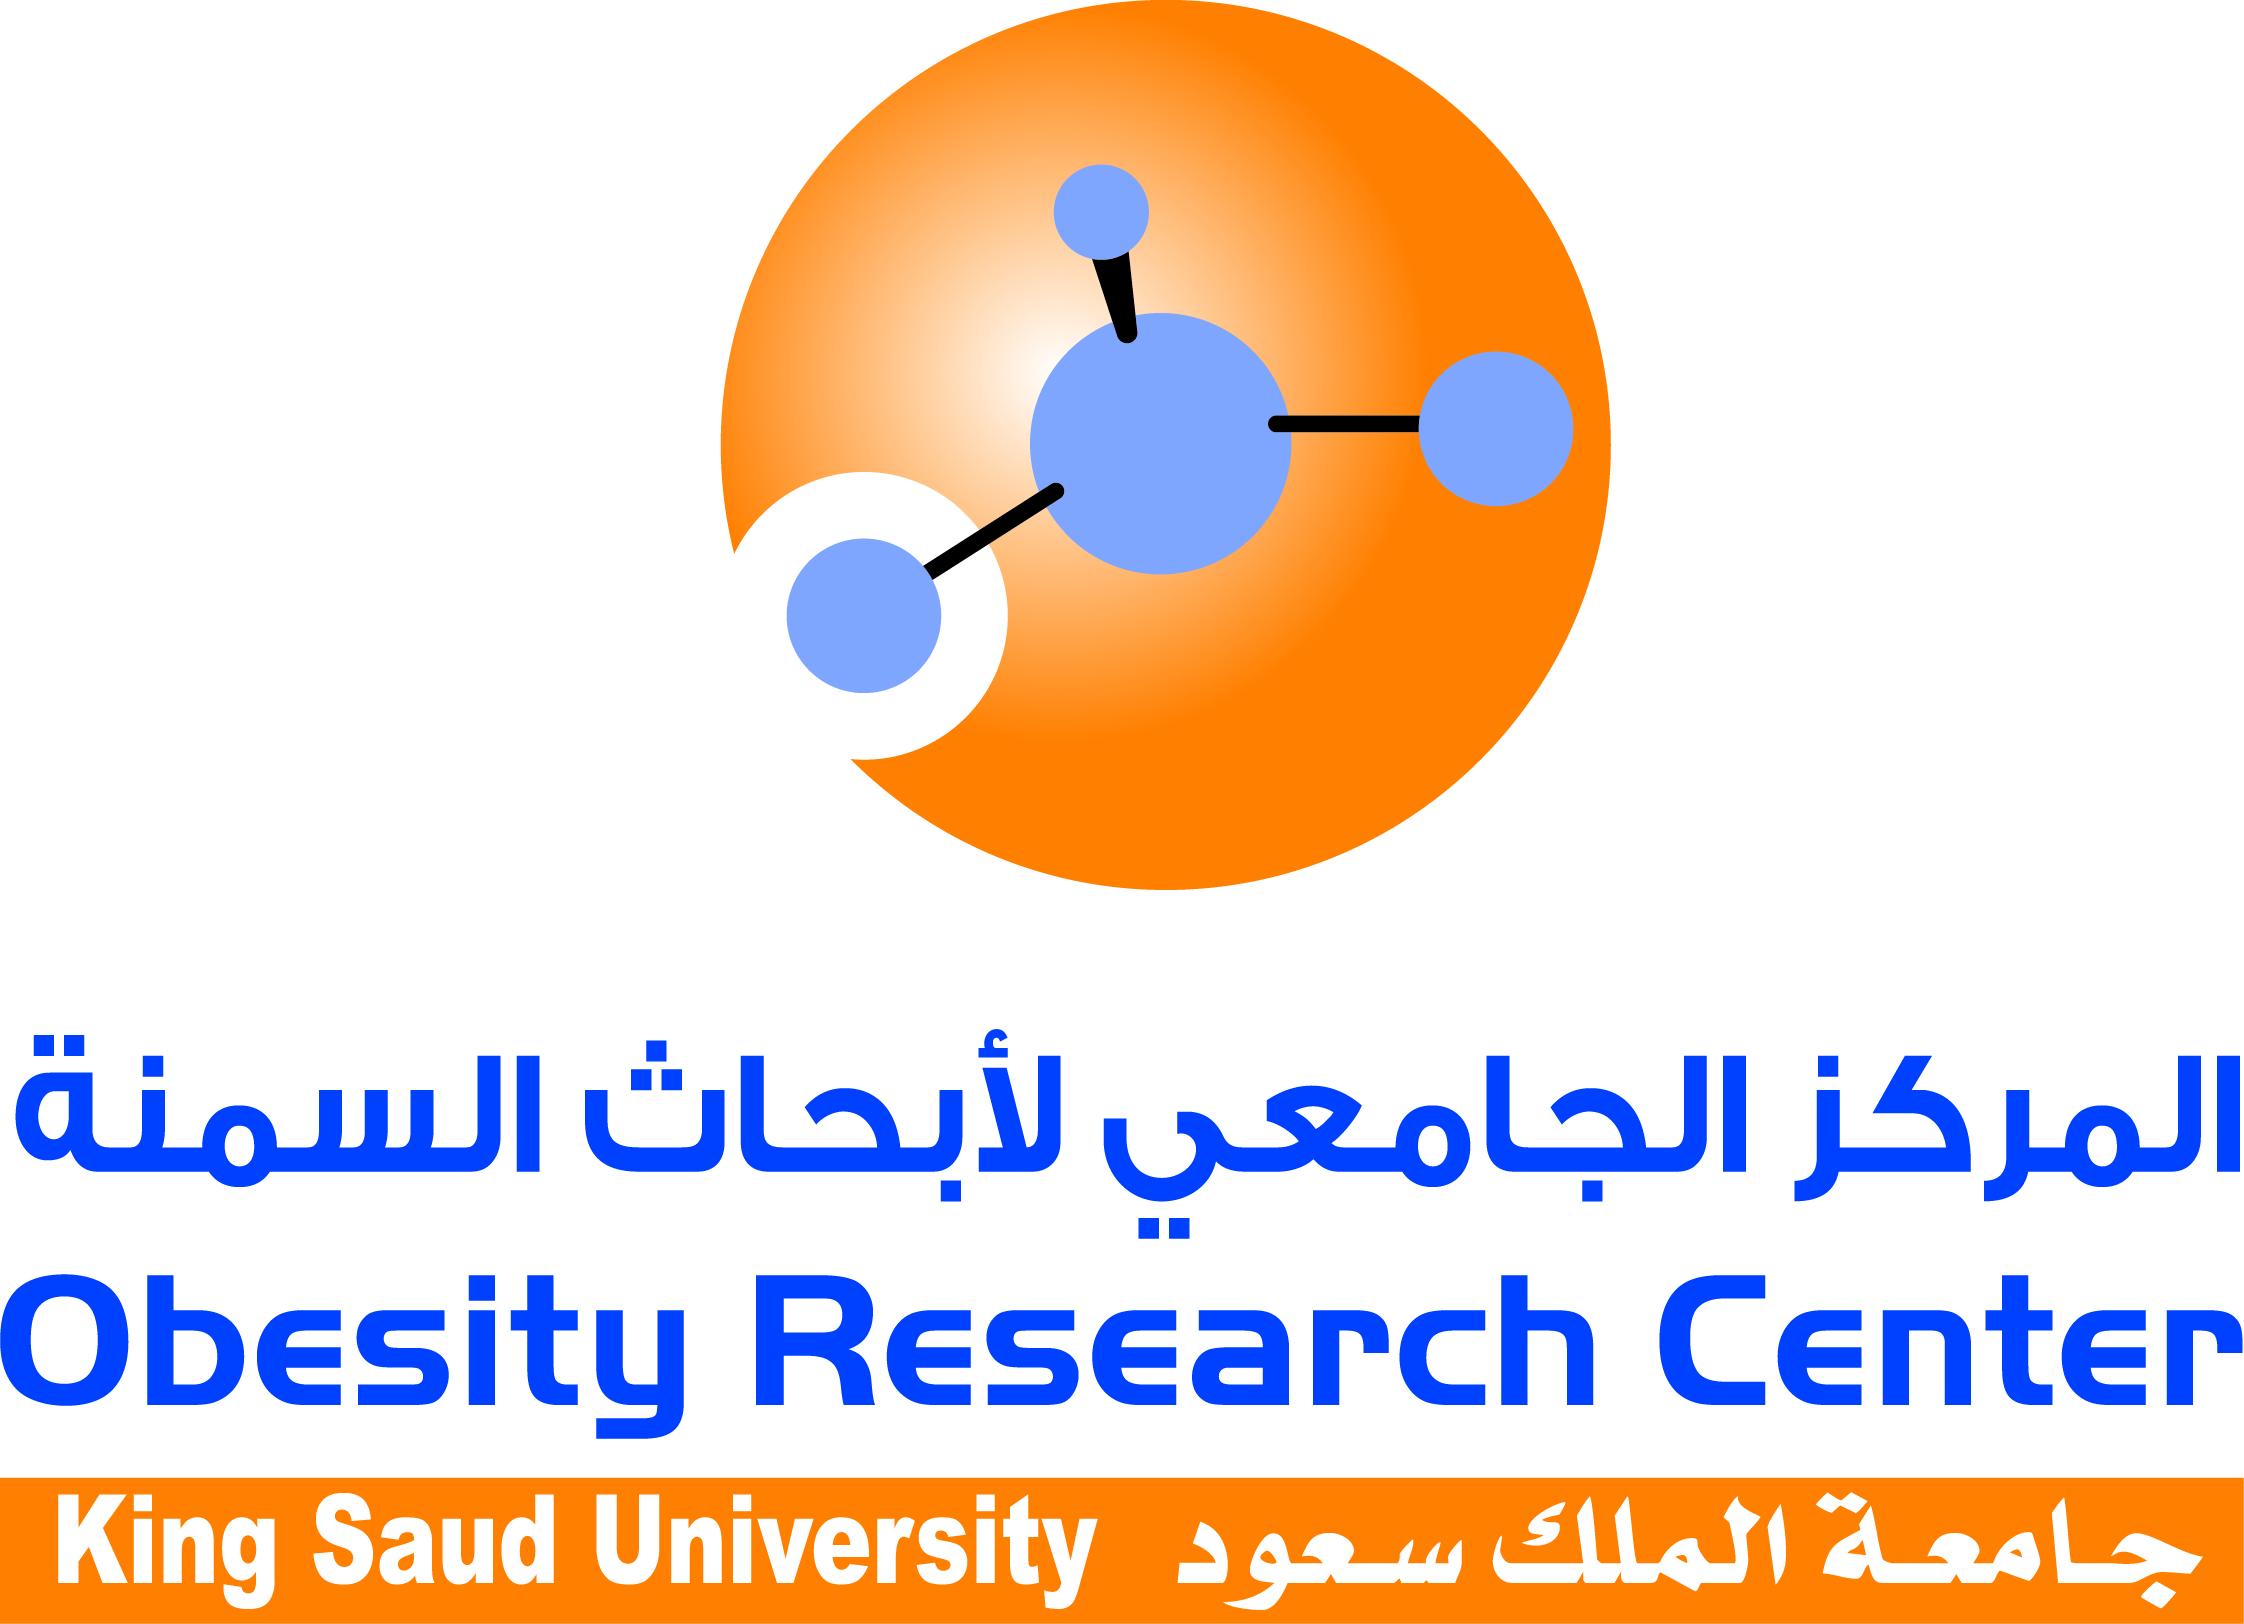 اعلان البرنامج التدريبي للمركز الجامعي لأبحاث السمنة